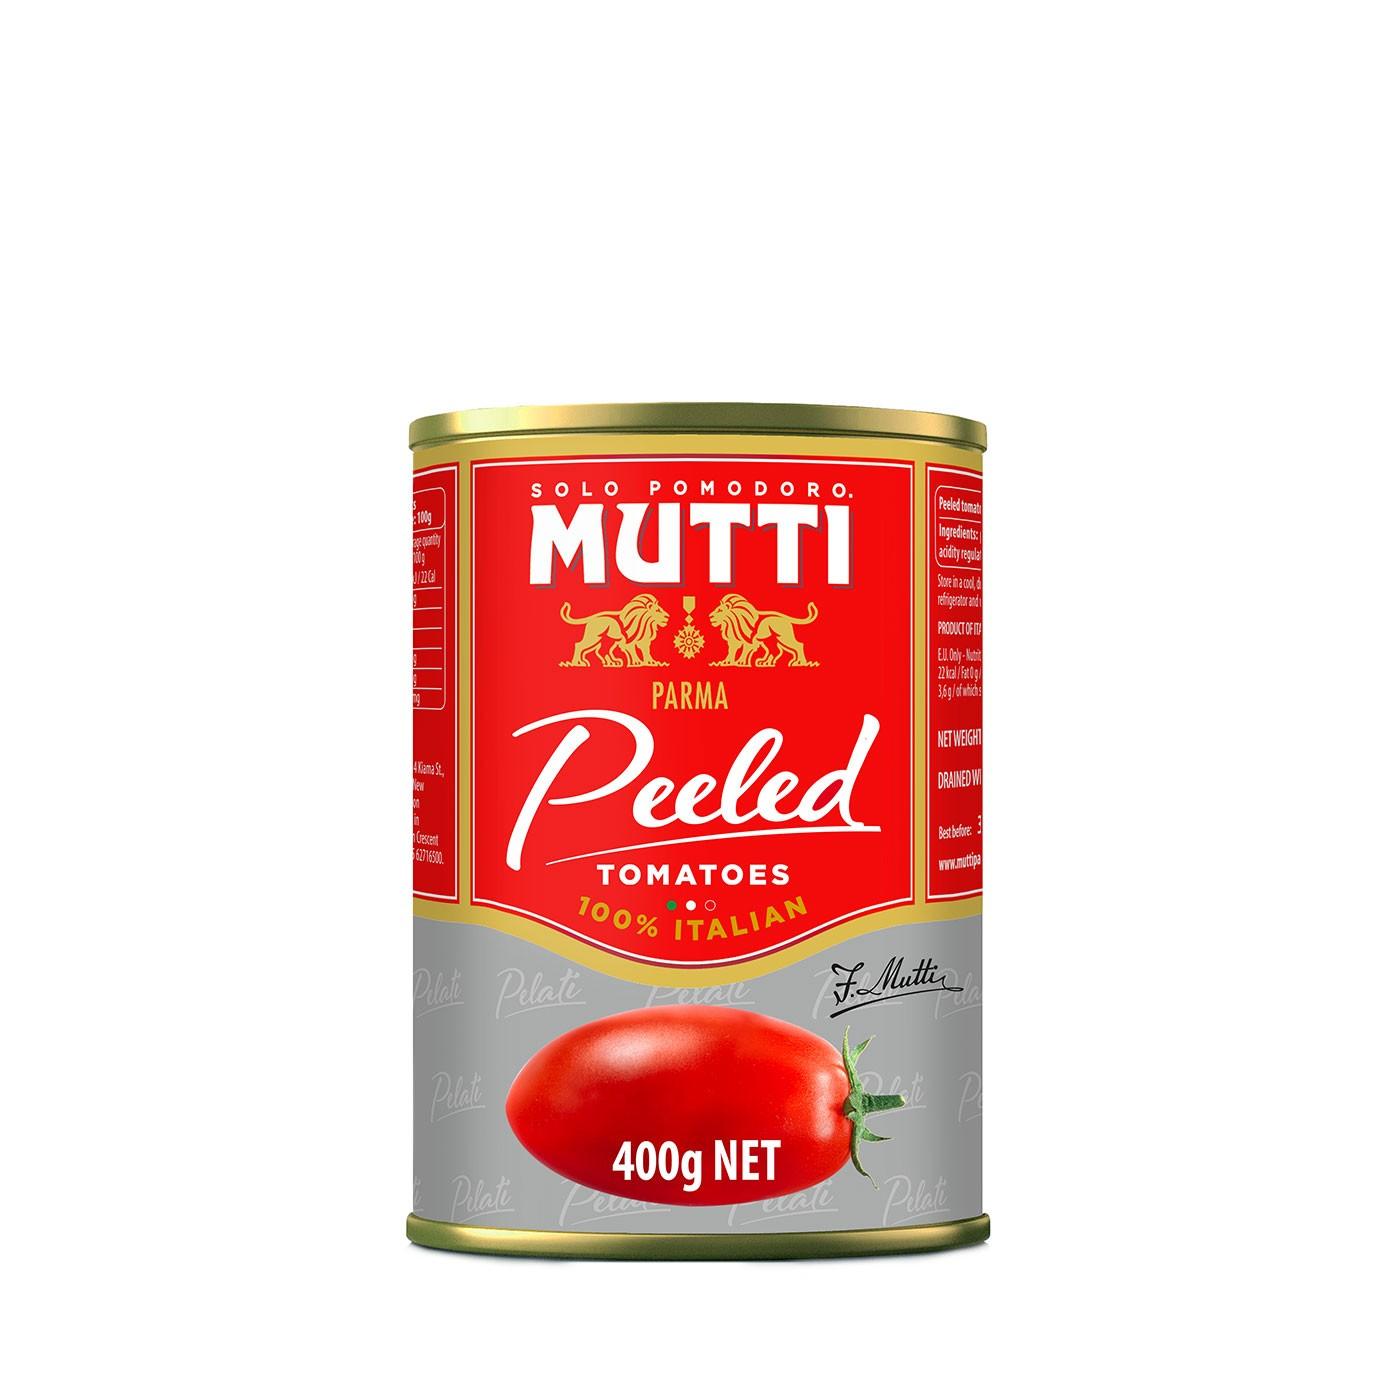 Peeled Whole Tomatoes 14 oz - Mutti   Eataly.com